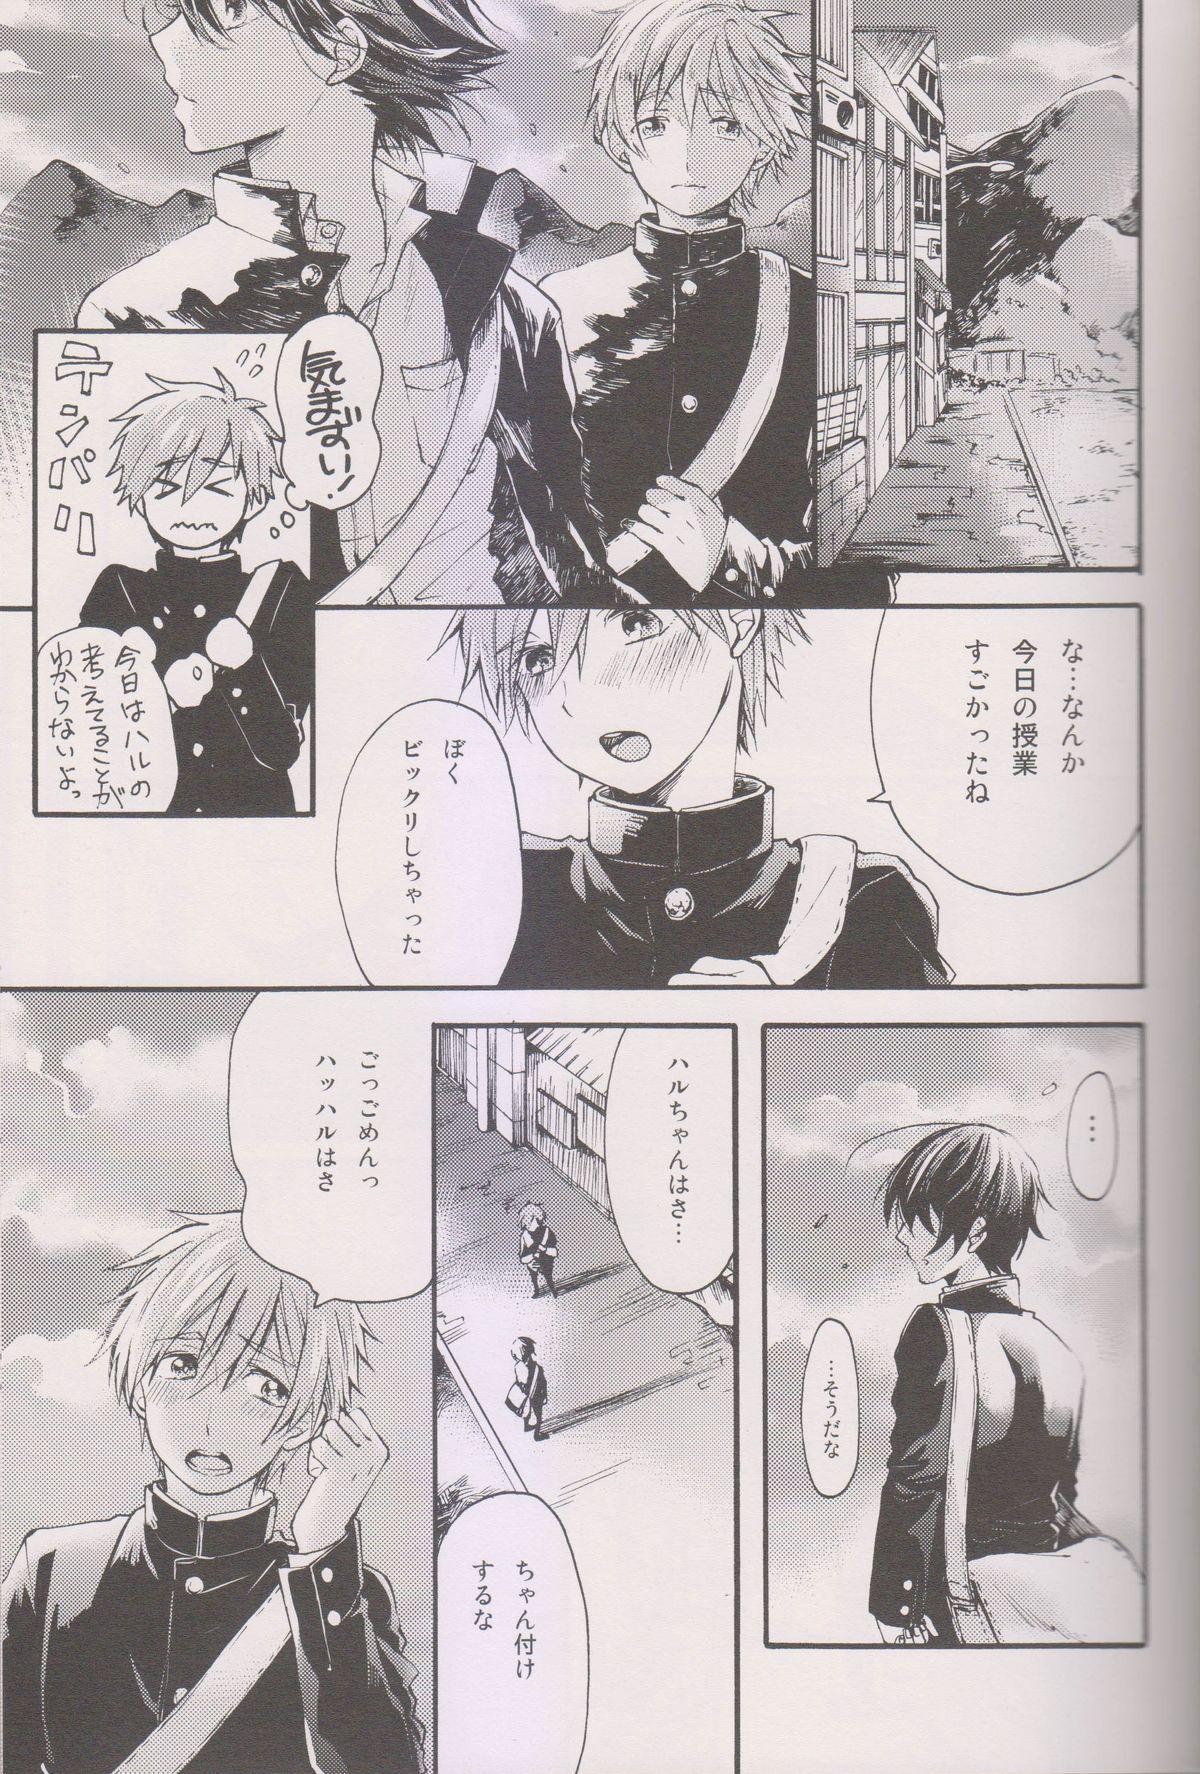 Hajimete no 6